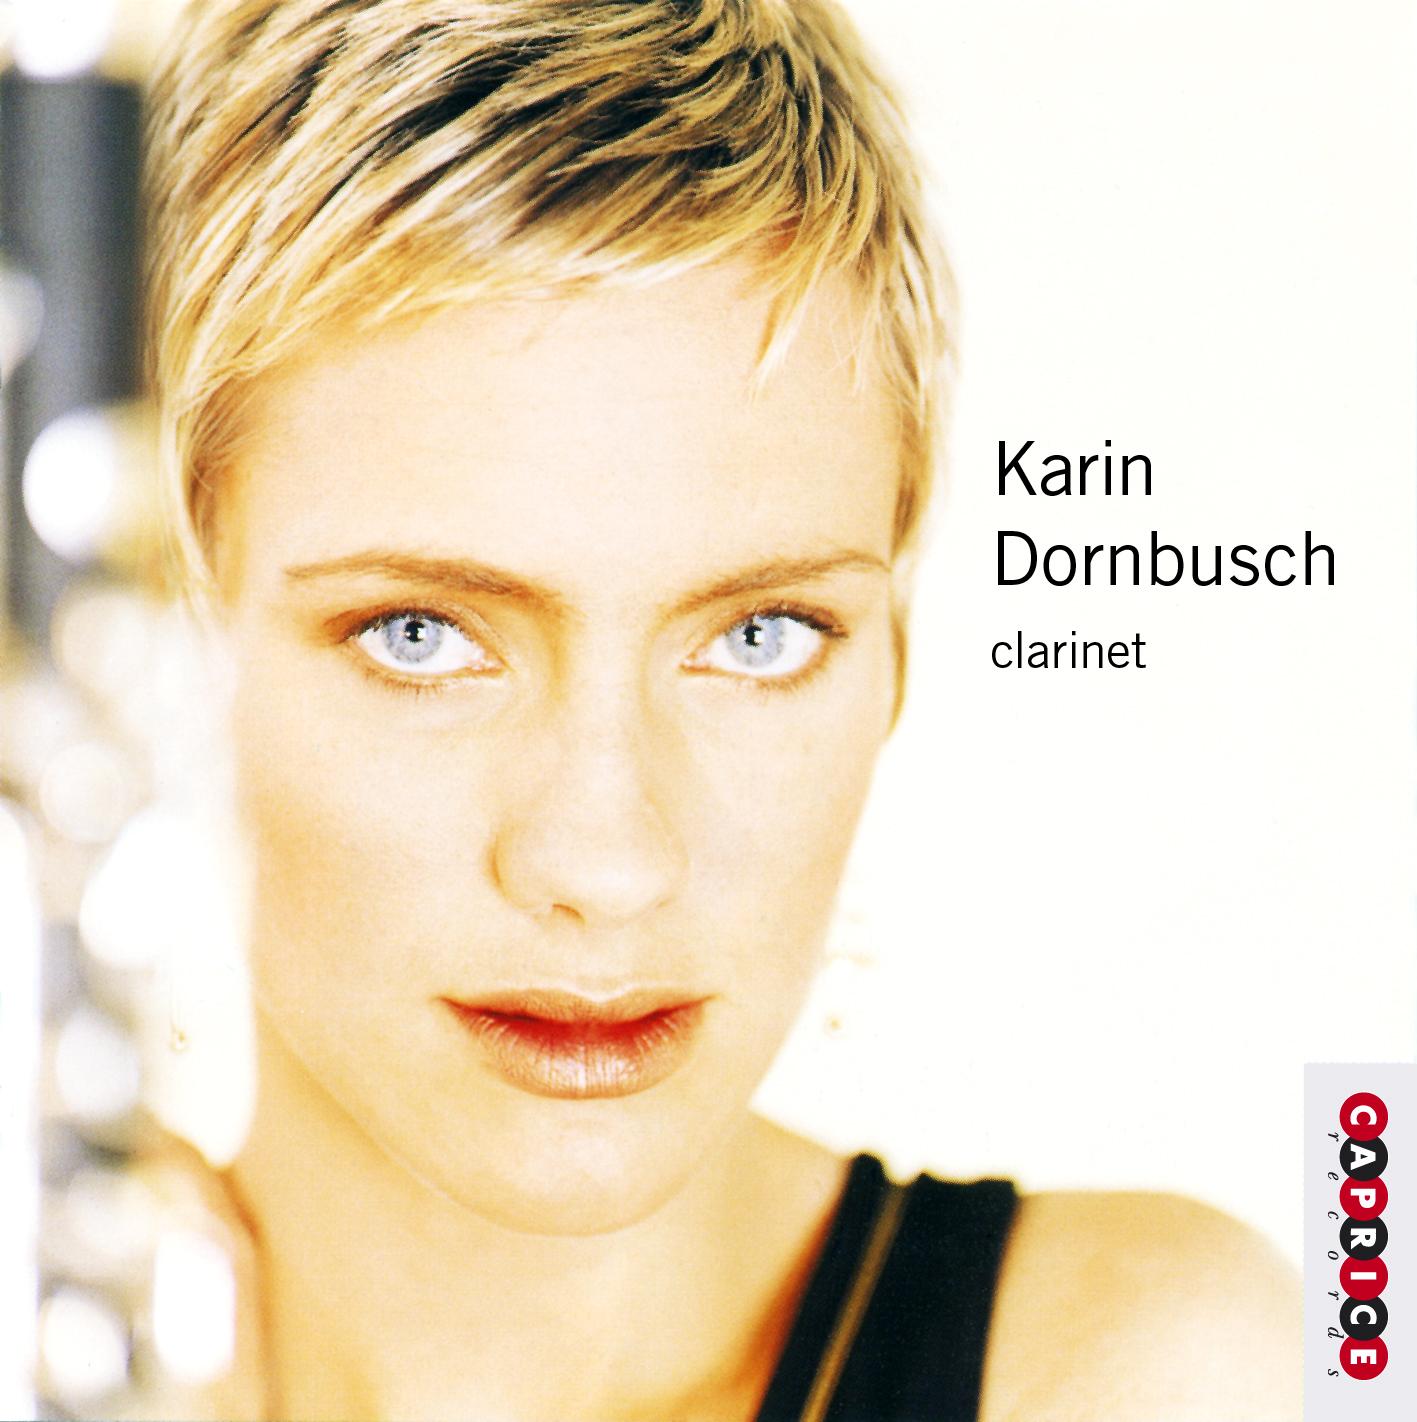 Karin Dornbusch, clarinet